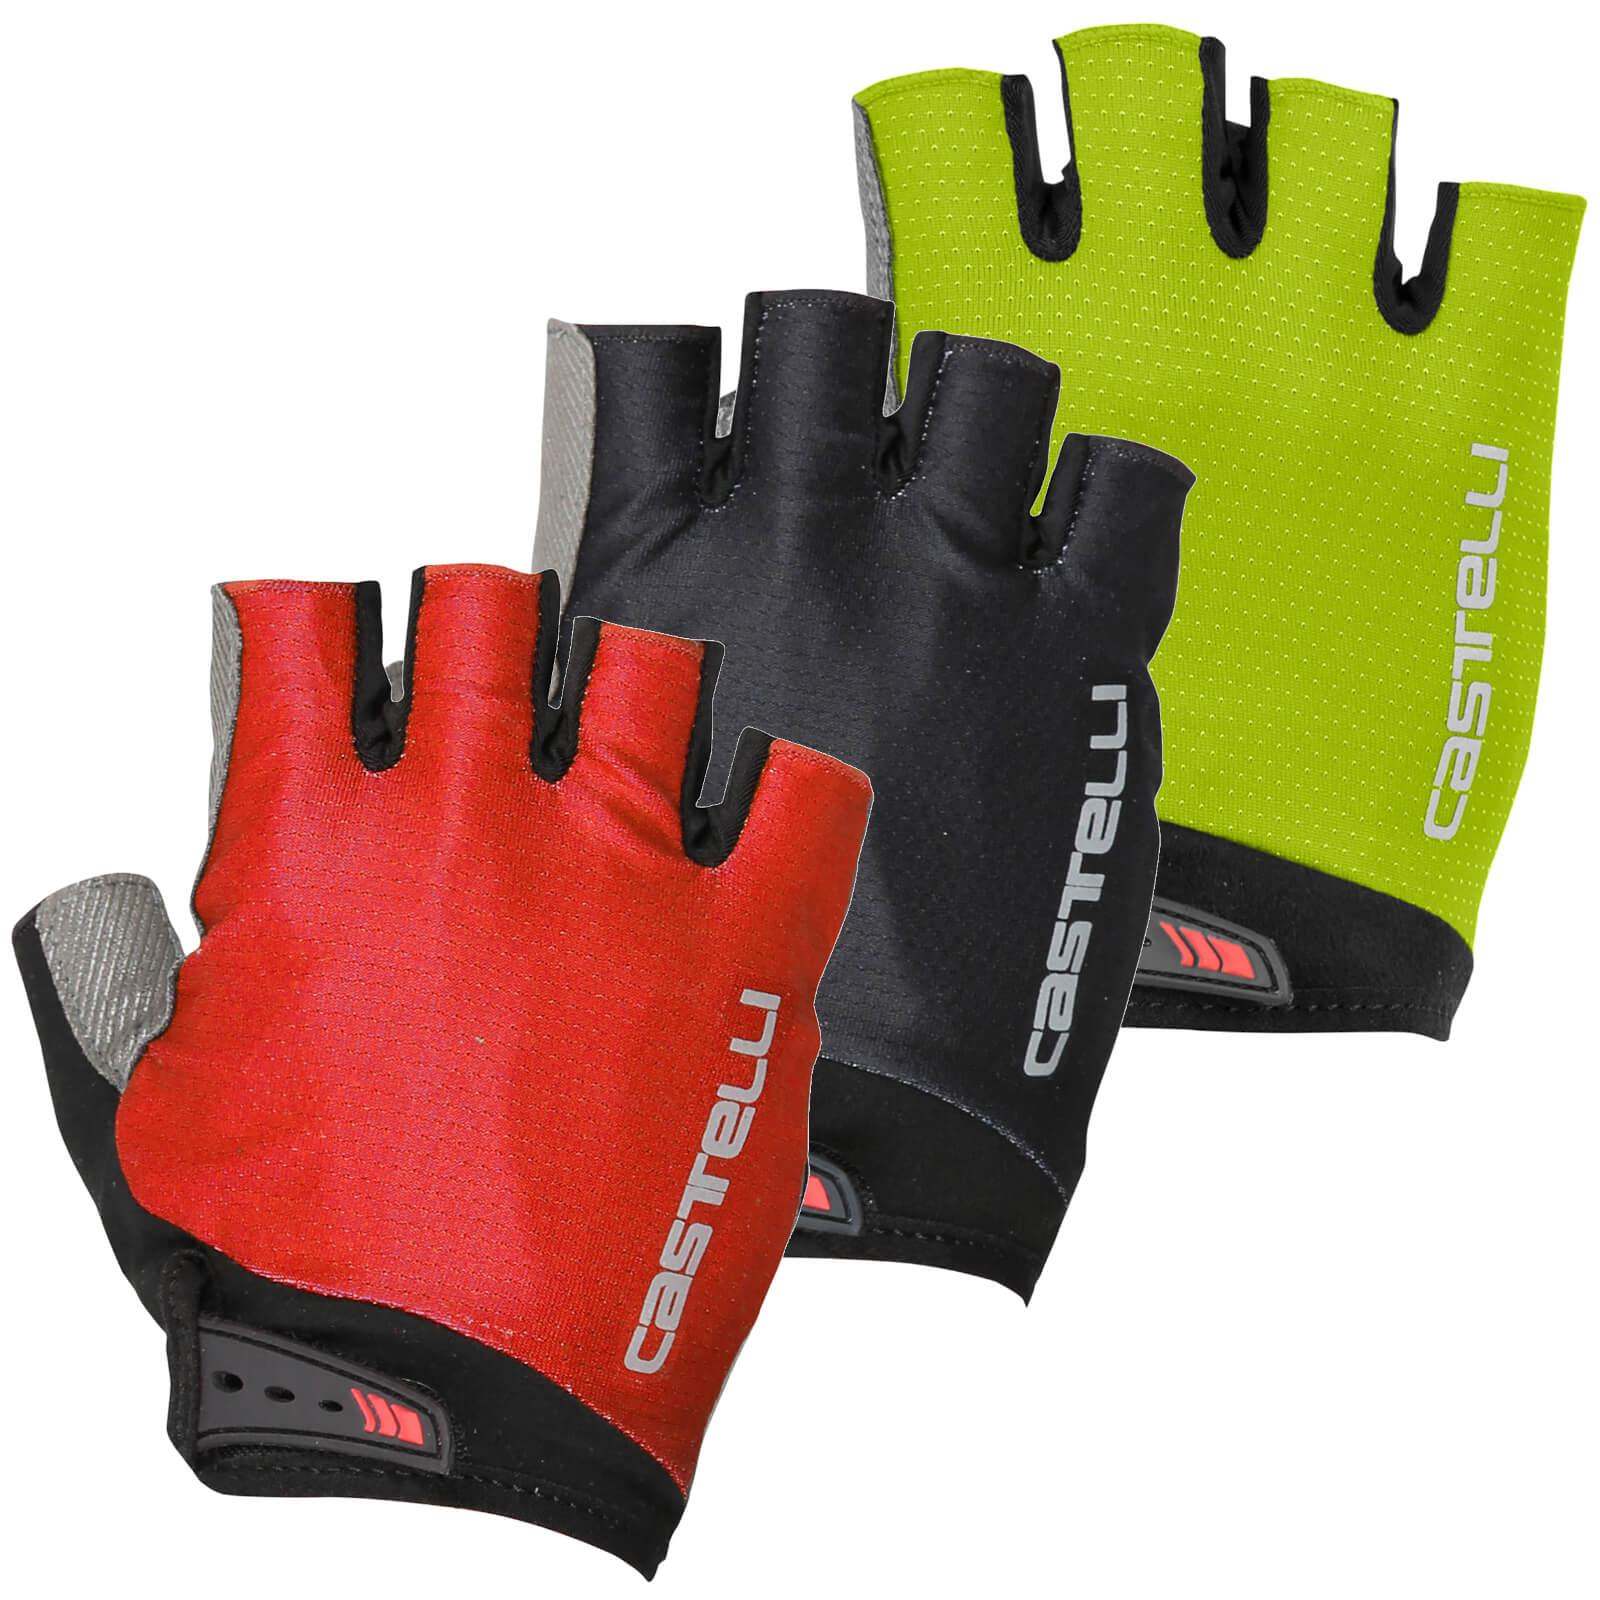 Castelli Entrata V Gloves - S - Light Black